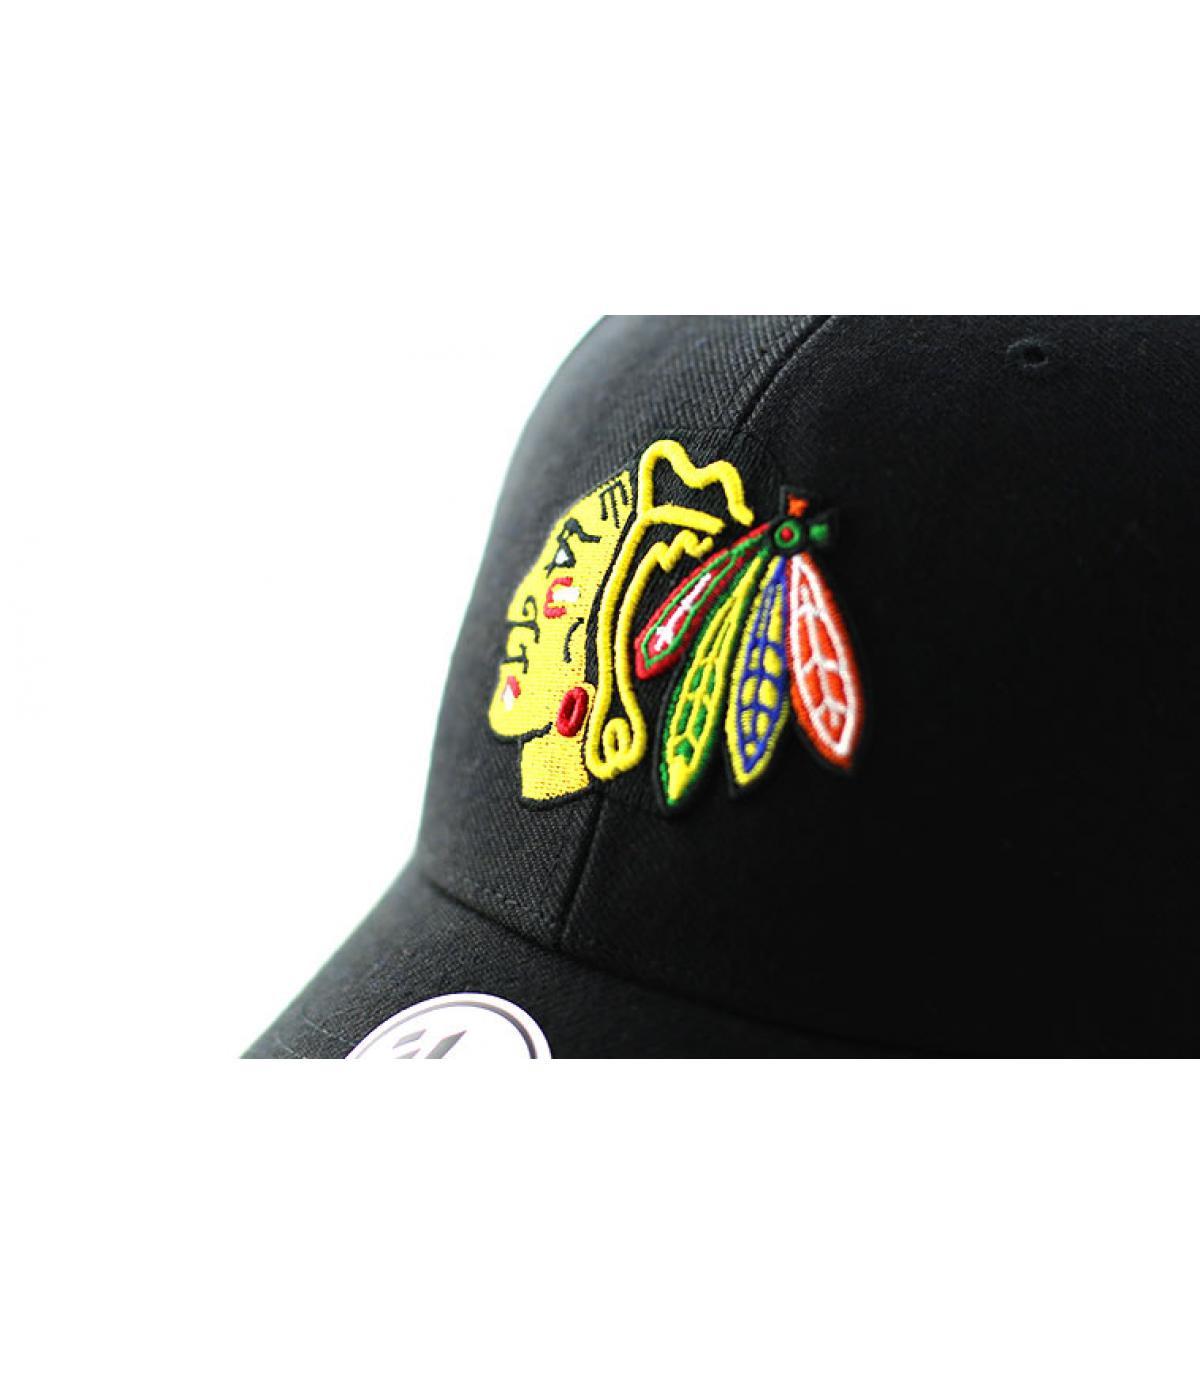 Détails MVP Chicago Blackhawks black - image 3